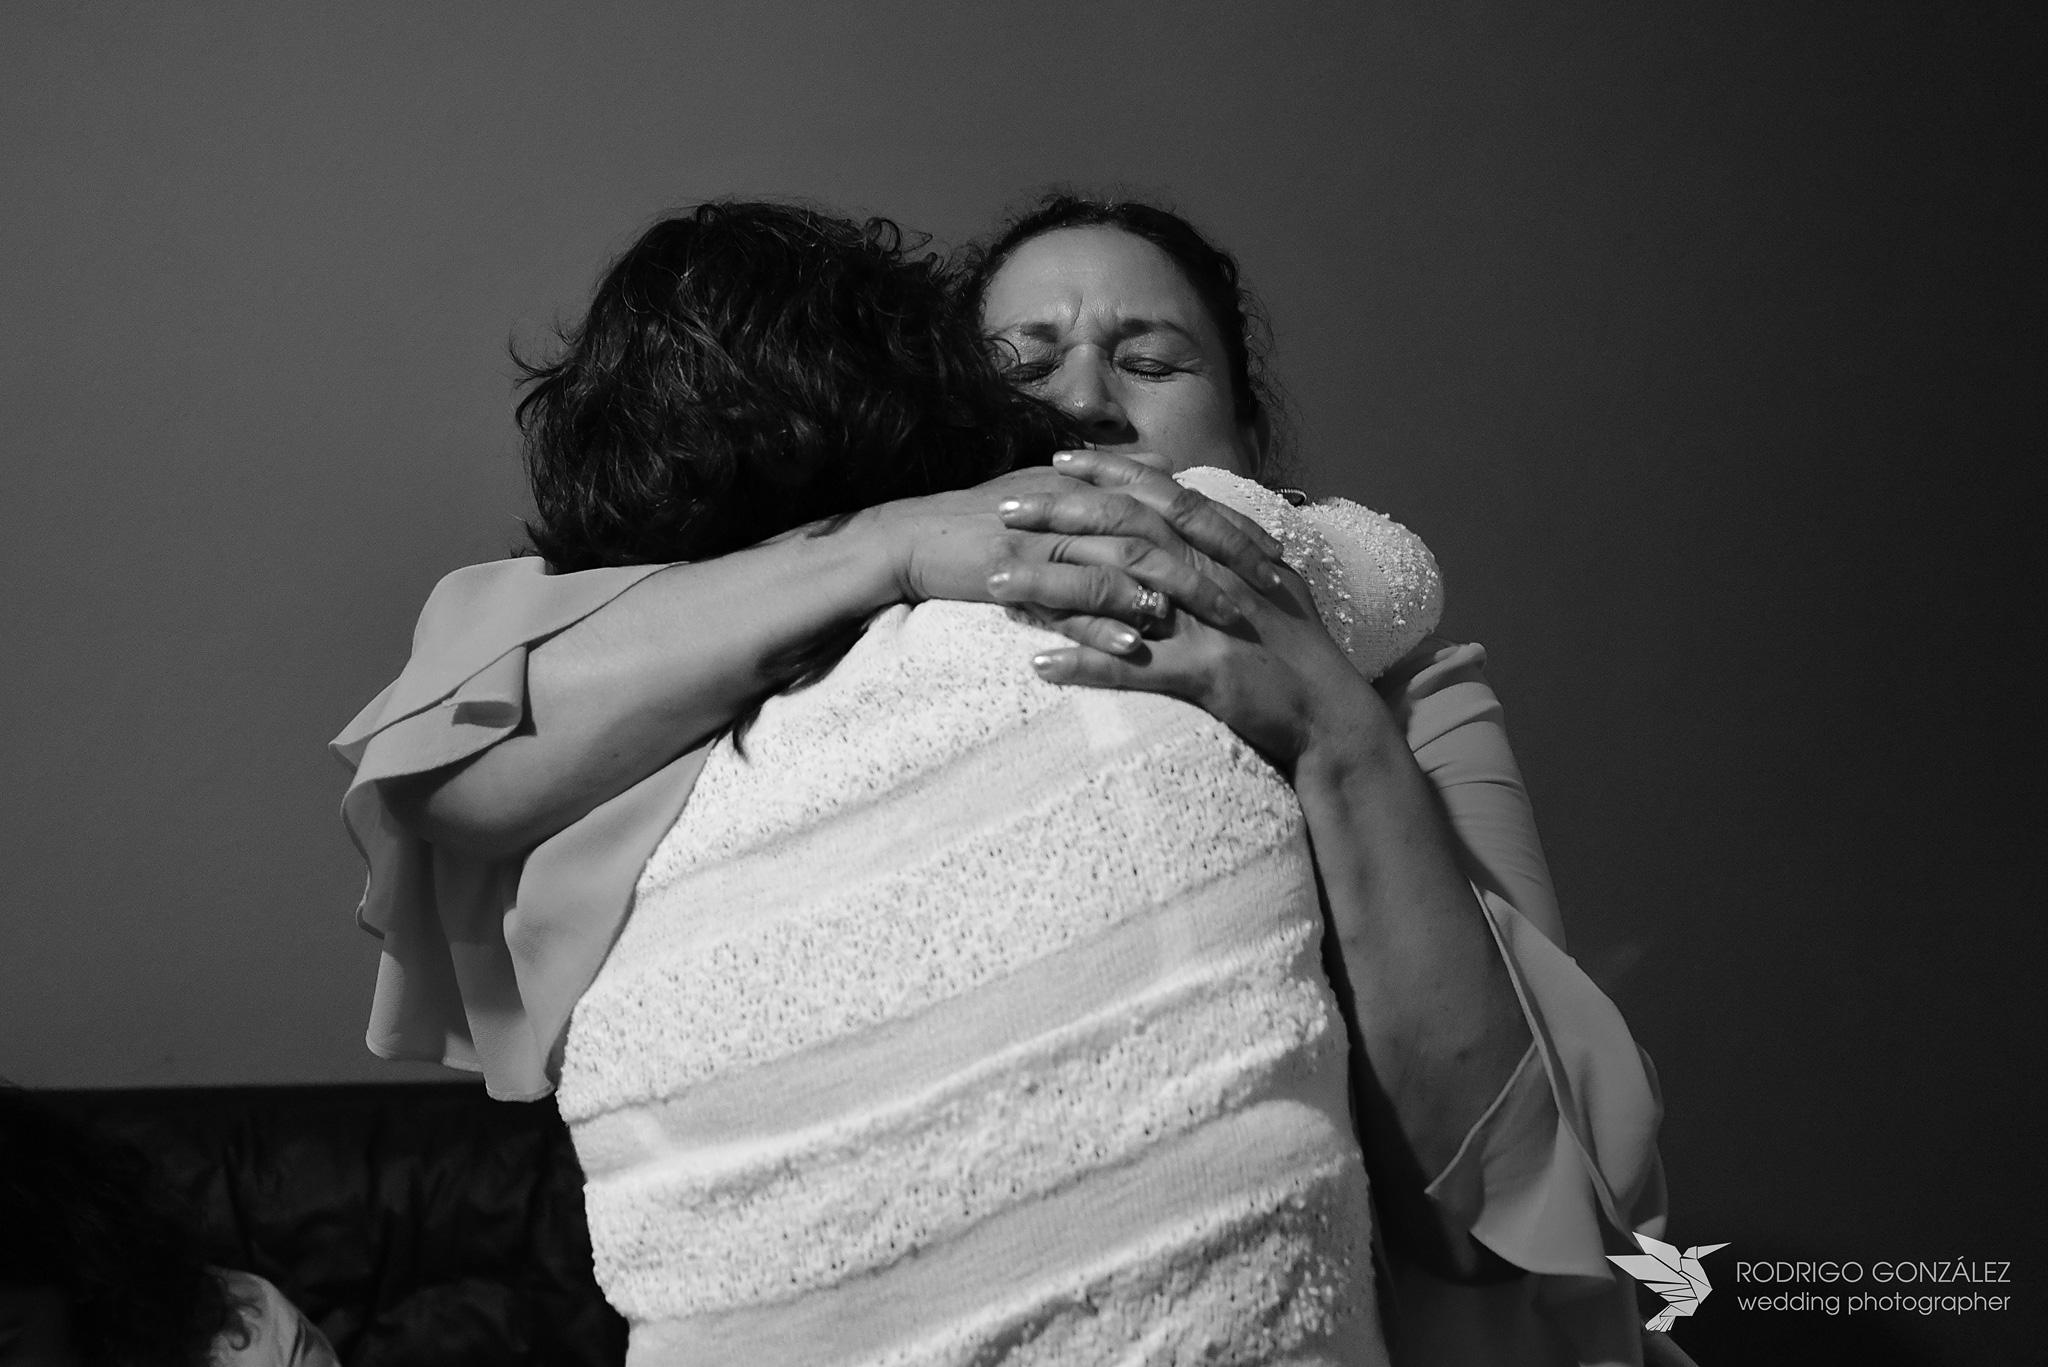 fotografia-de-nacimiento-hospital-puebla-mexico-175